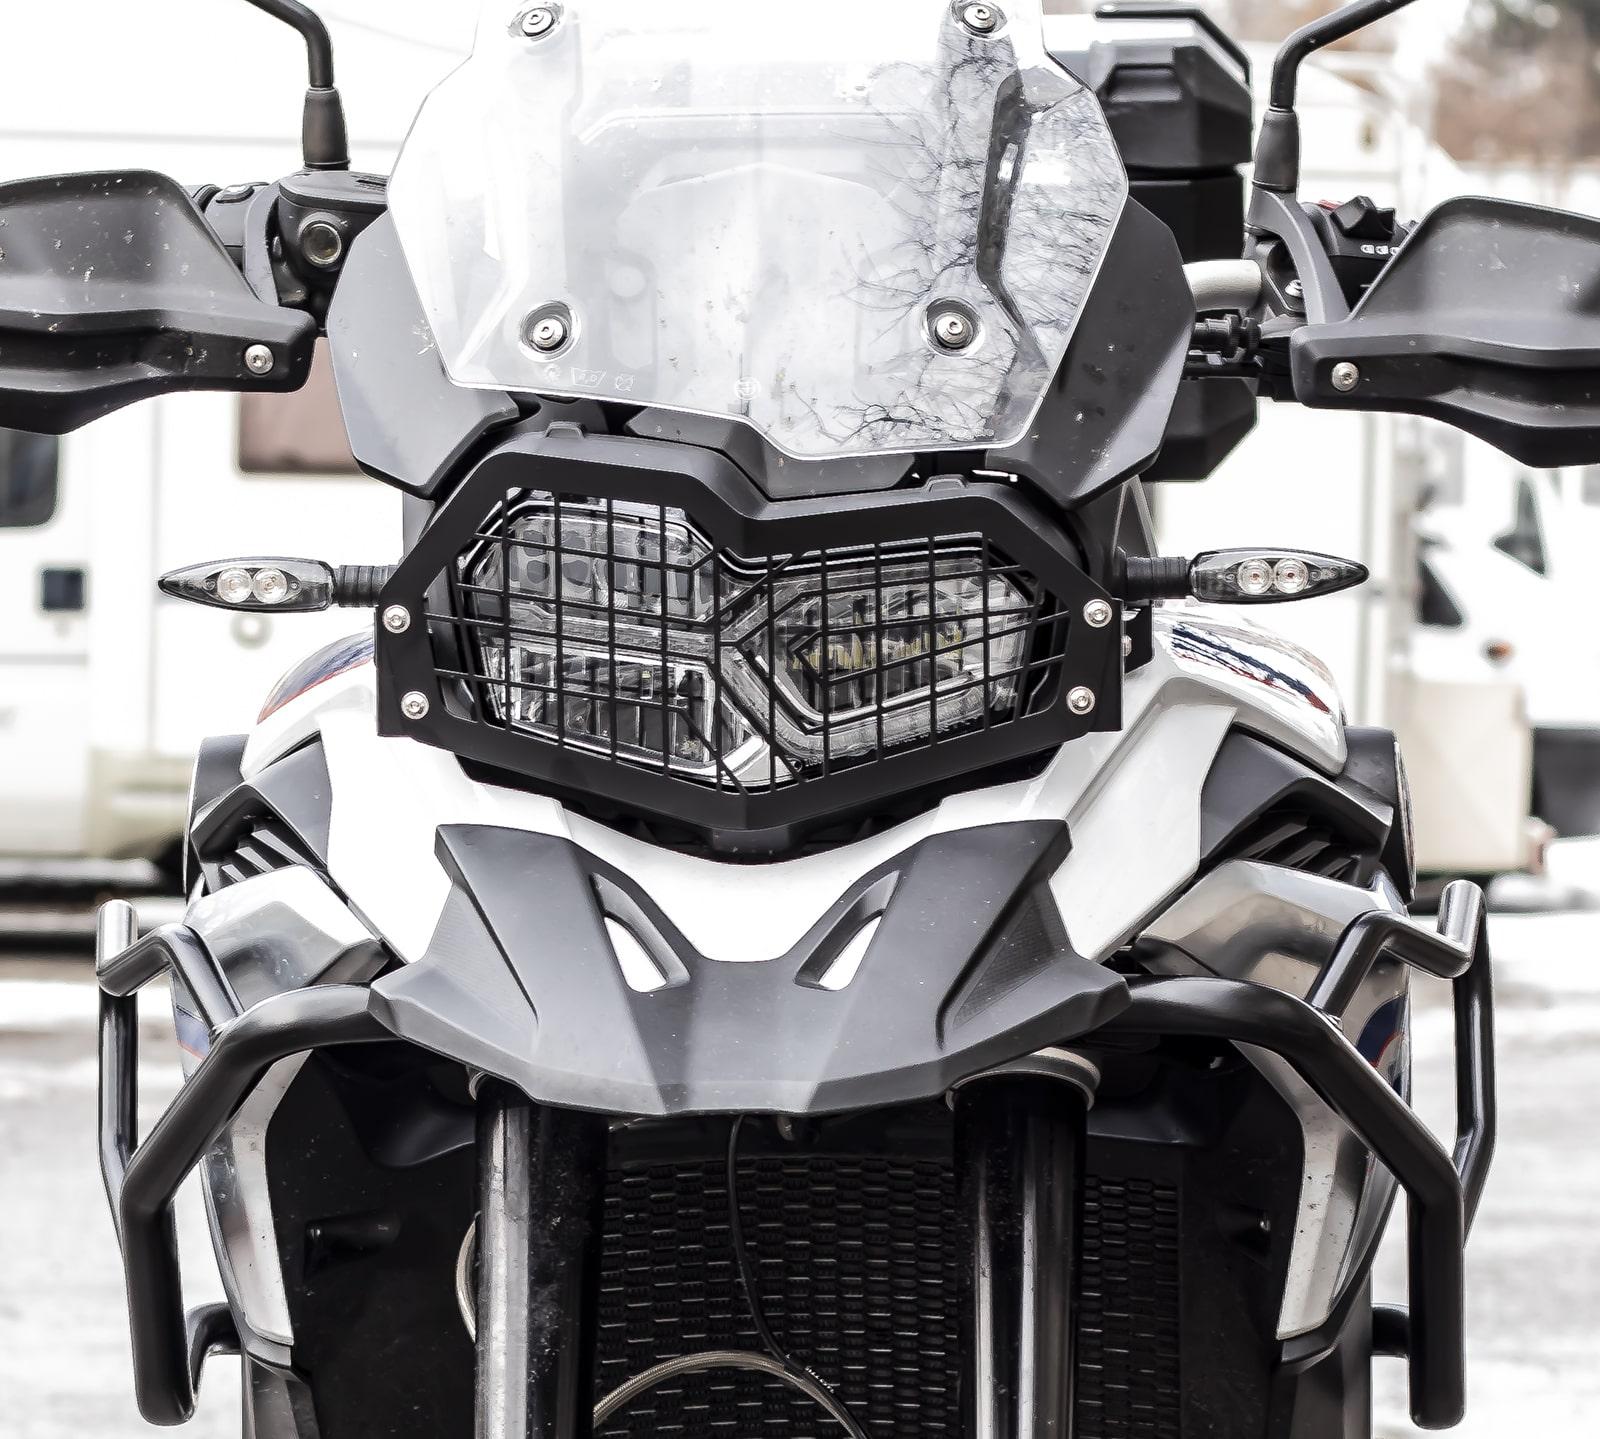 Headlight Guard Kit BMW F850GS / F750GS